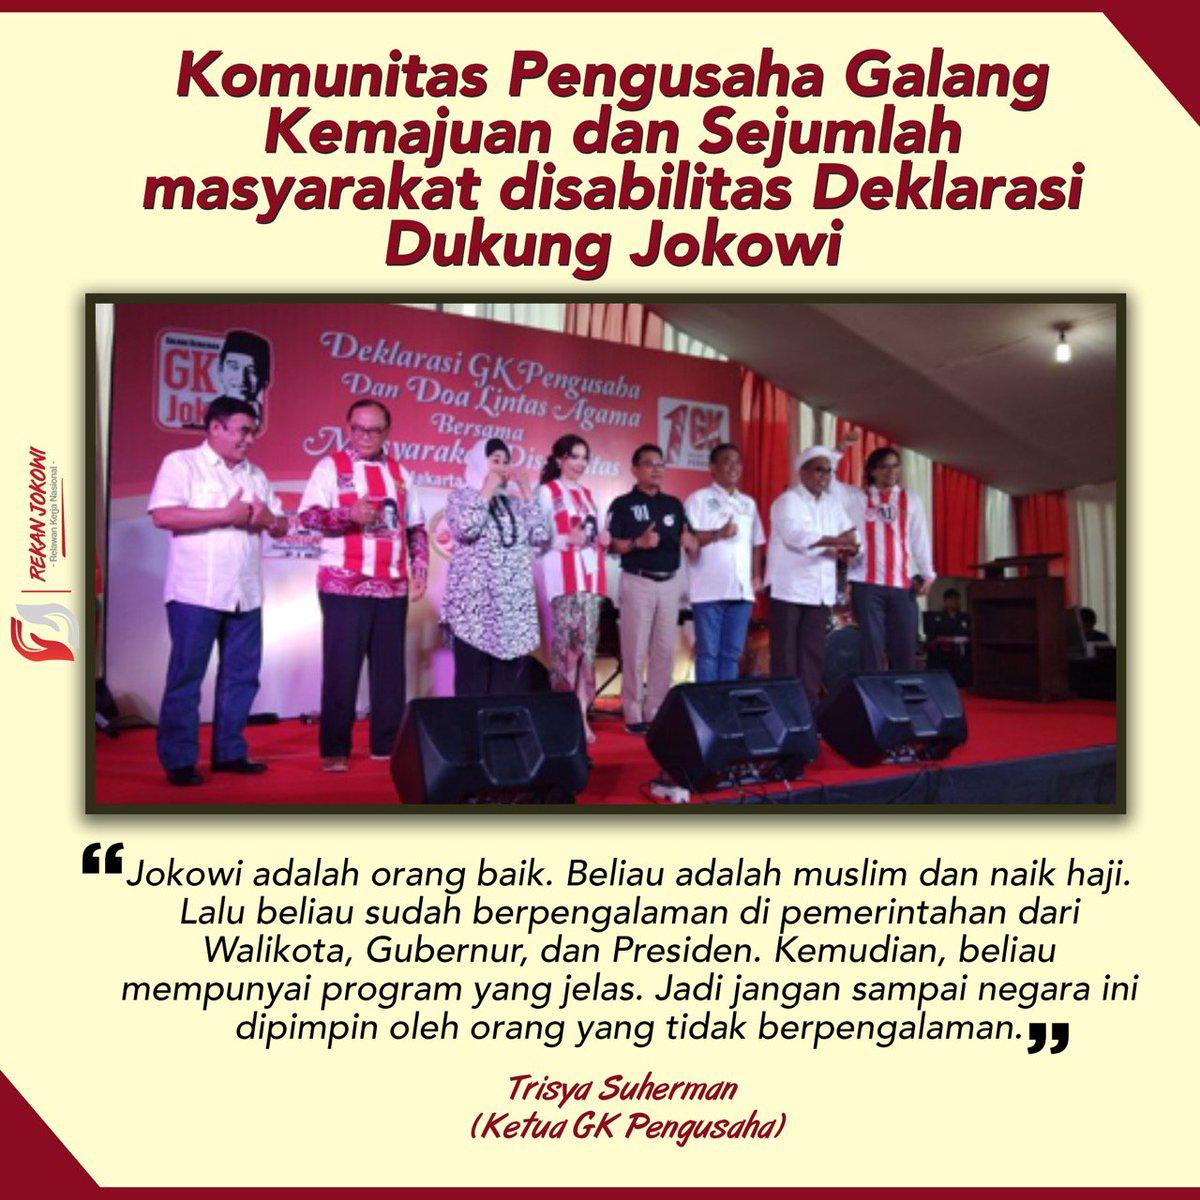 #jokowipresidenku #rekanjokowi #rekanjokowisulsel #ayoteruskerja #indonesiakuat https://t.co/pvS7GoNteE